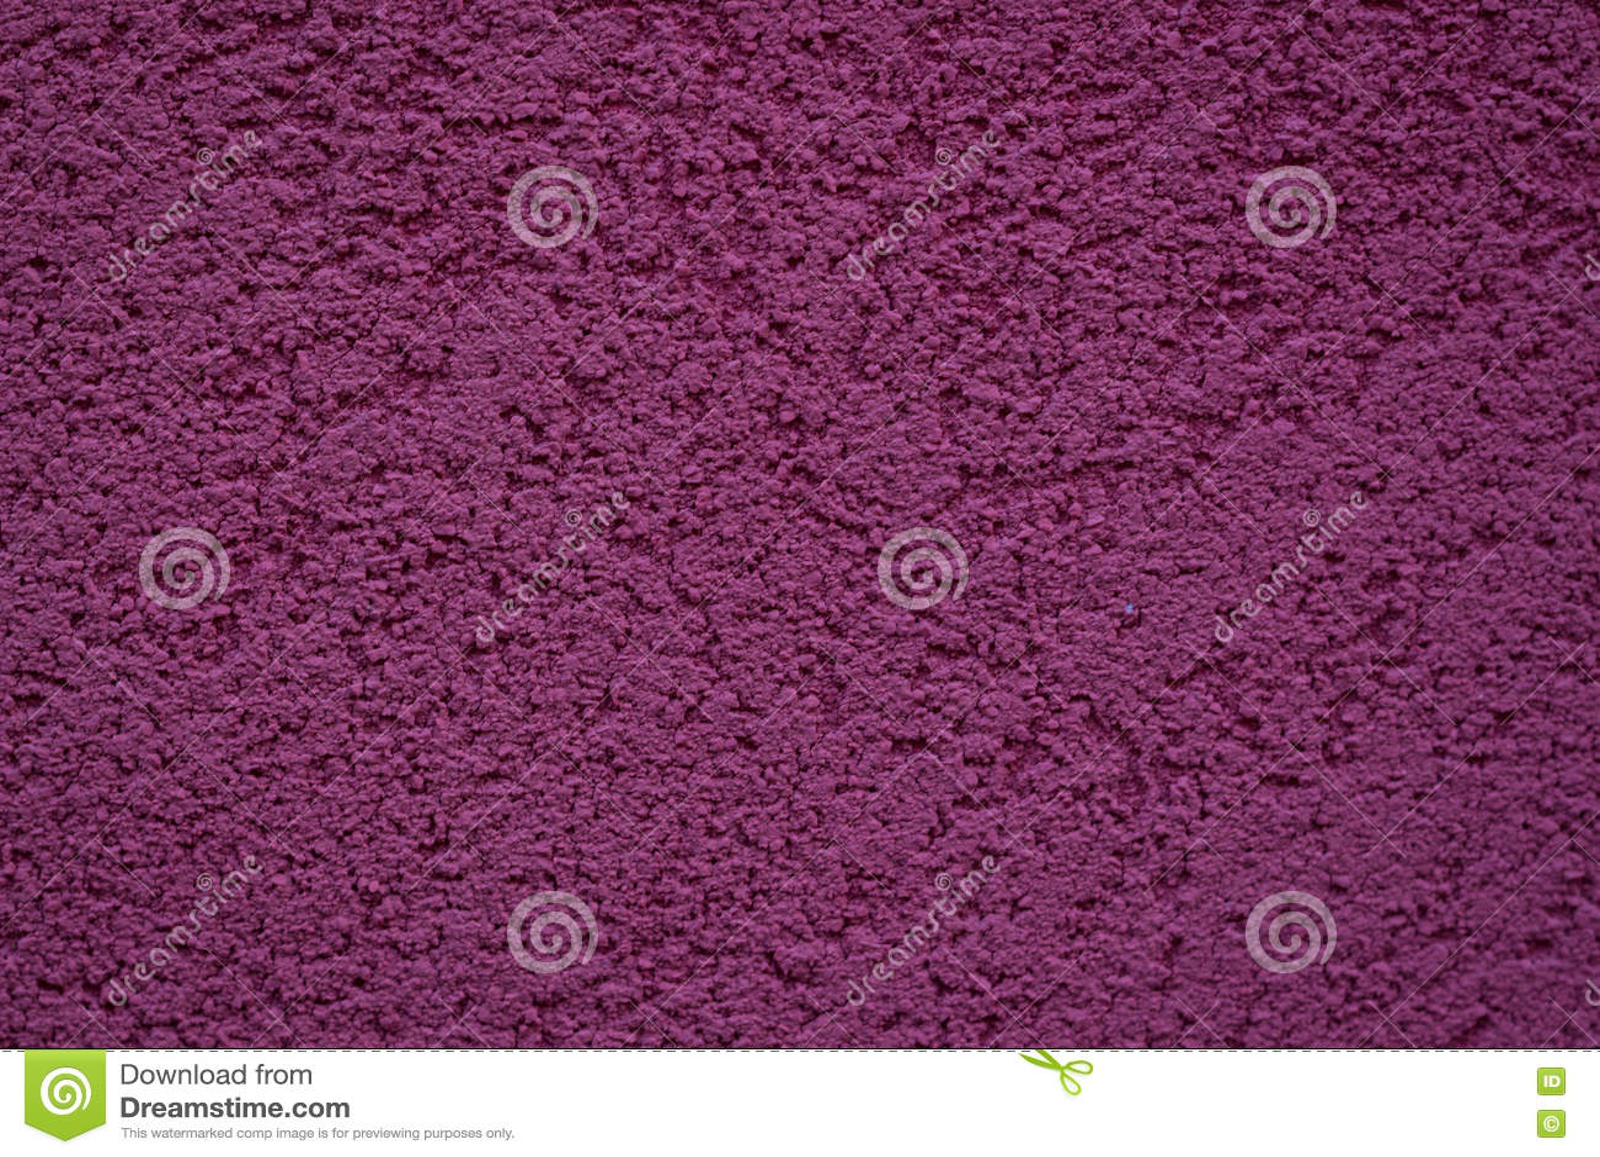 Color Prugna Per Pareti : Prugna di colore della parete immagine stock immagine di rough